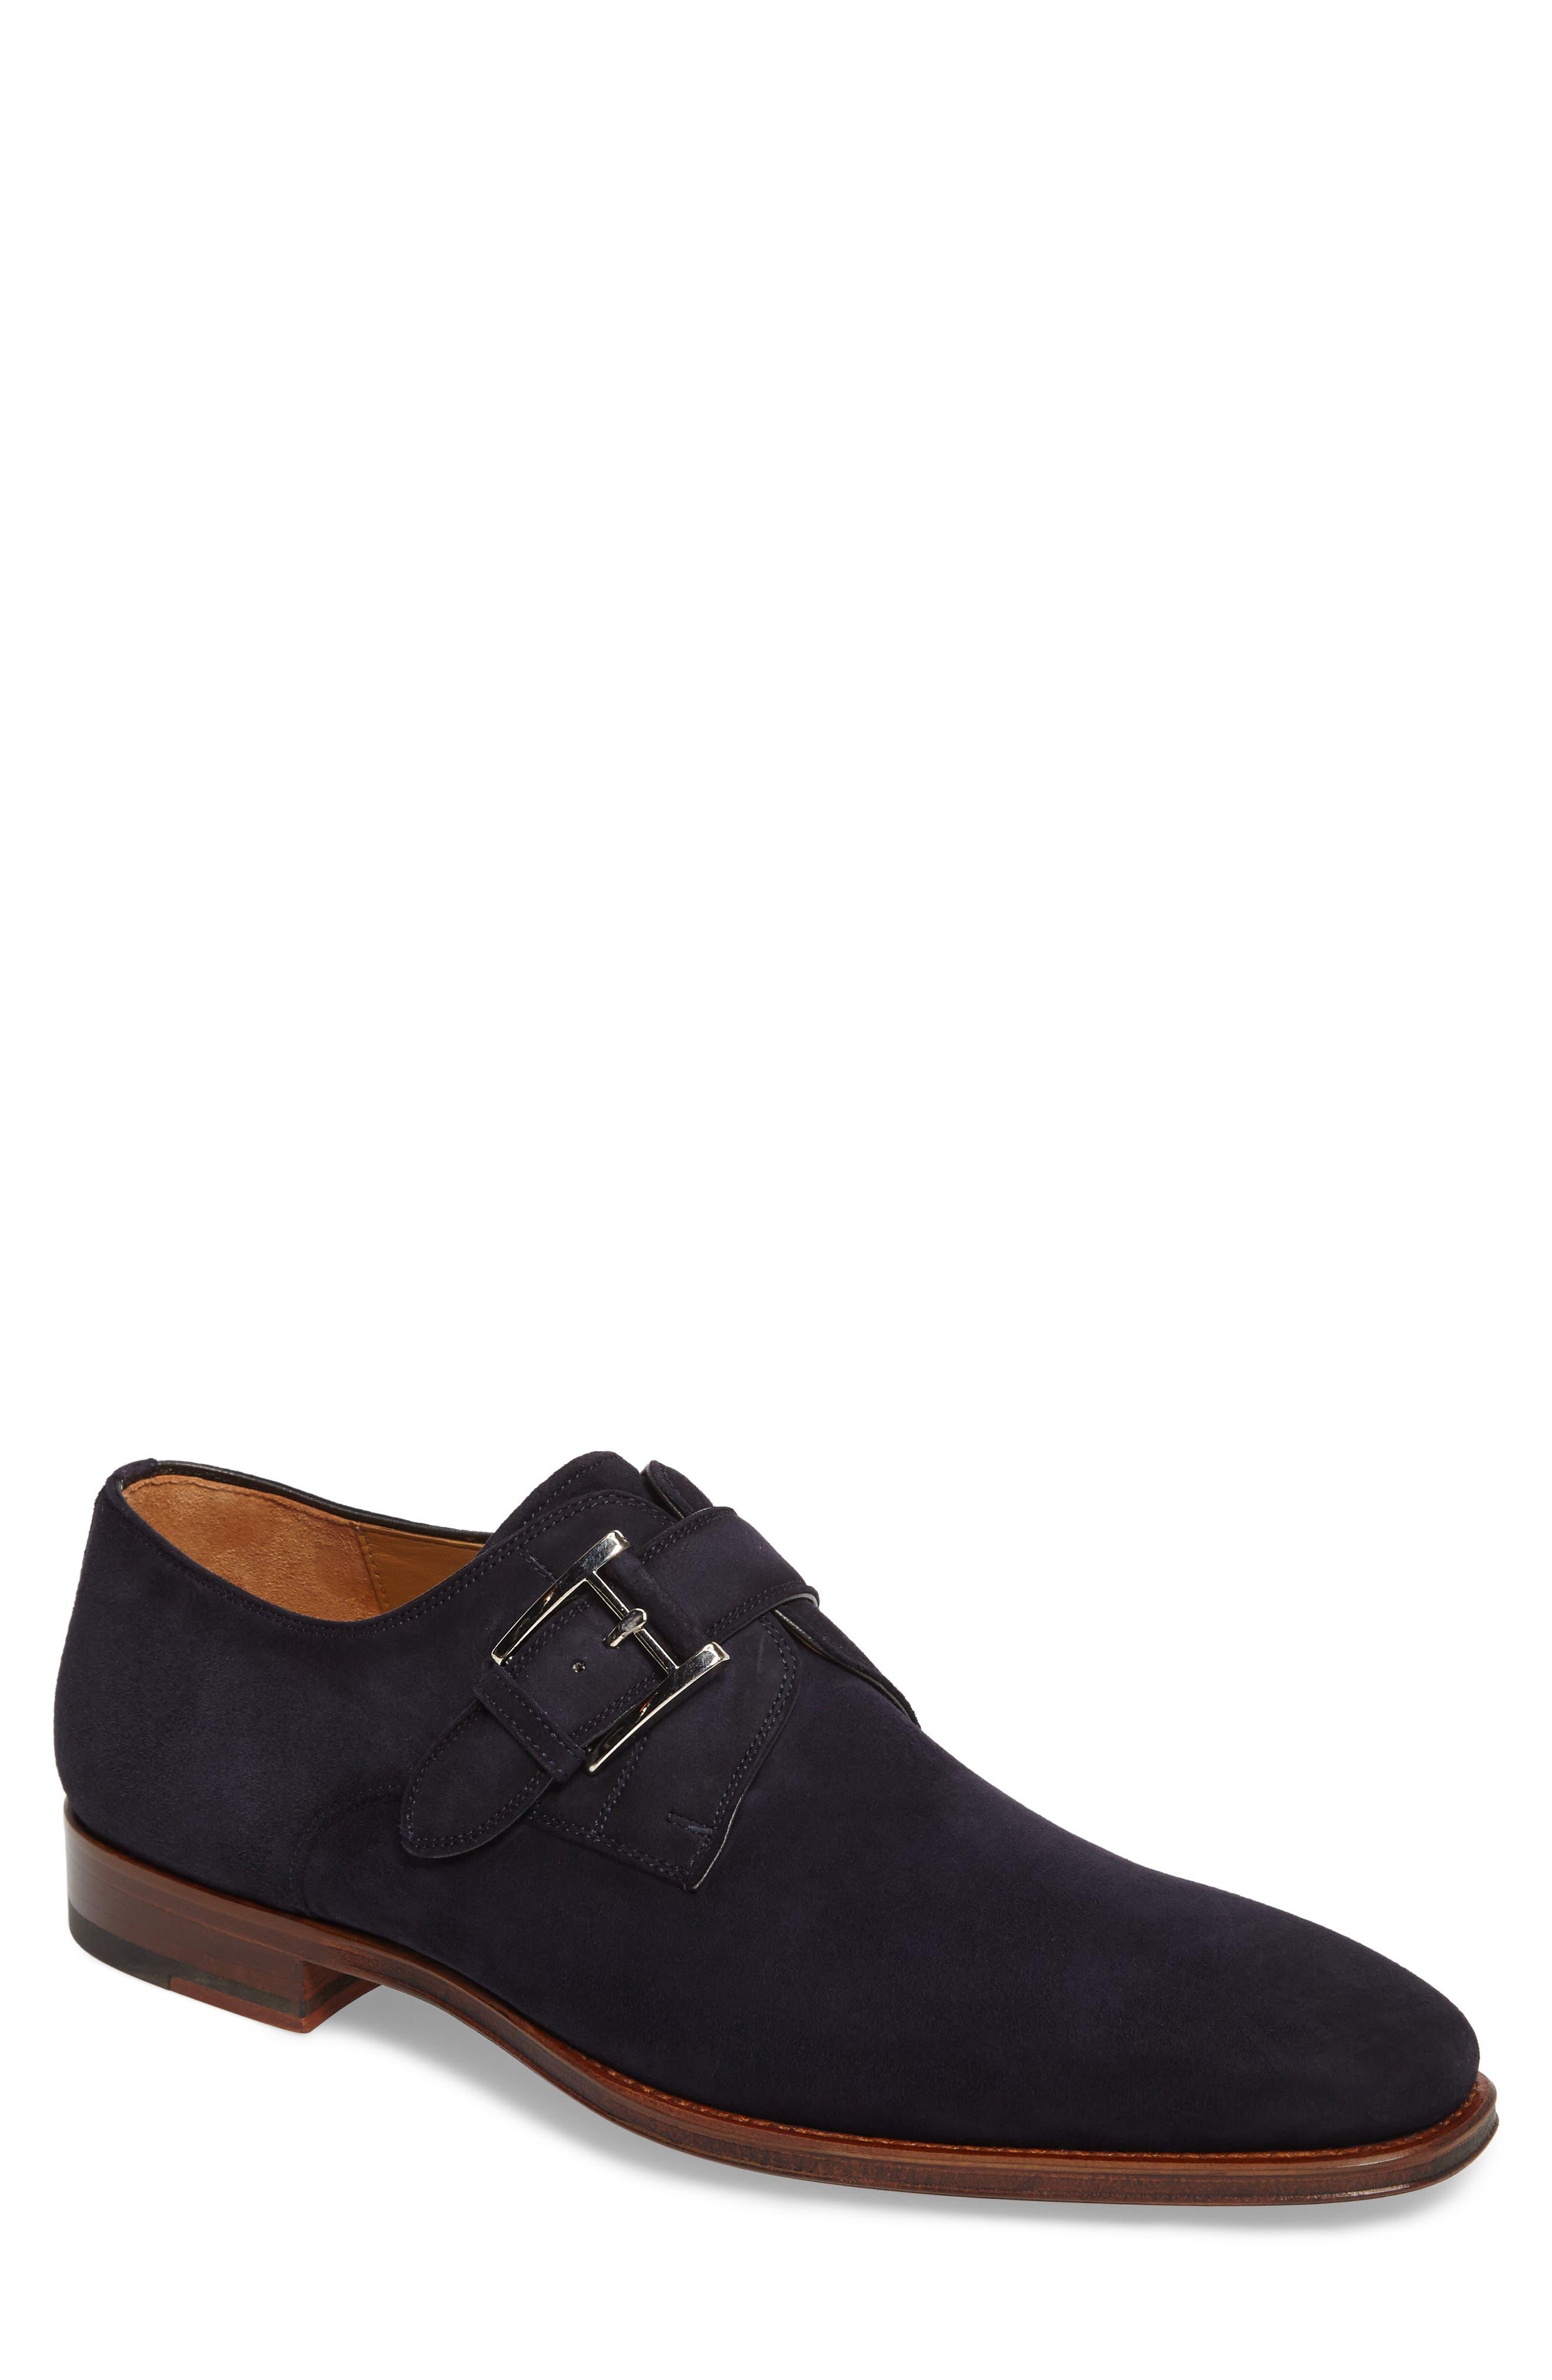 Enrique Monk Strap Shoe,                             Main thumbnail 1, color,                             Navy Suede